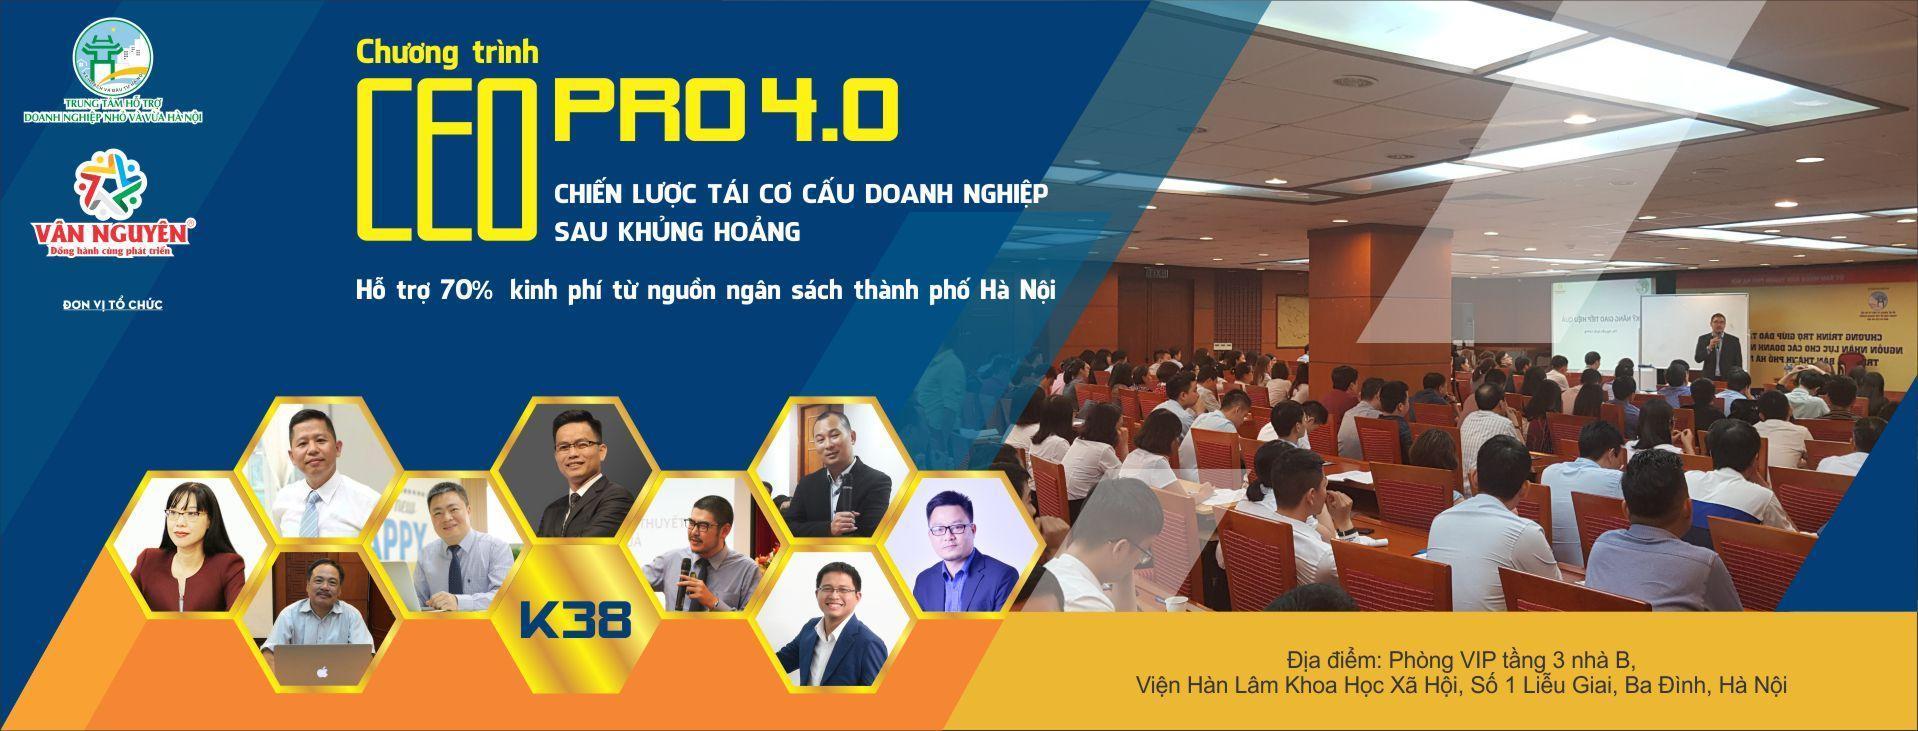 CEO PRO 4.0 (K38) – Chiến lược tái cơ cấu của doanh nghiệp sau khủng hoảng